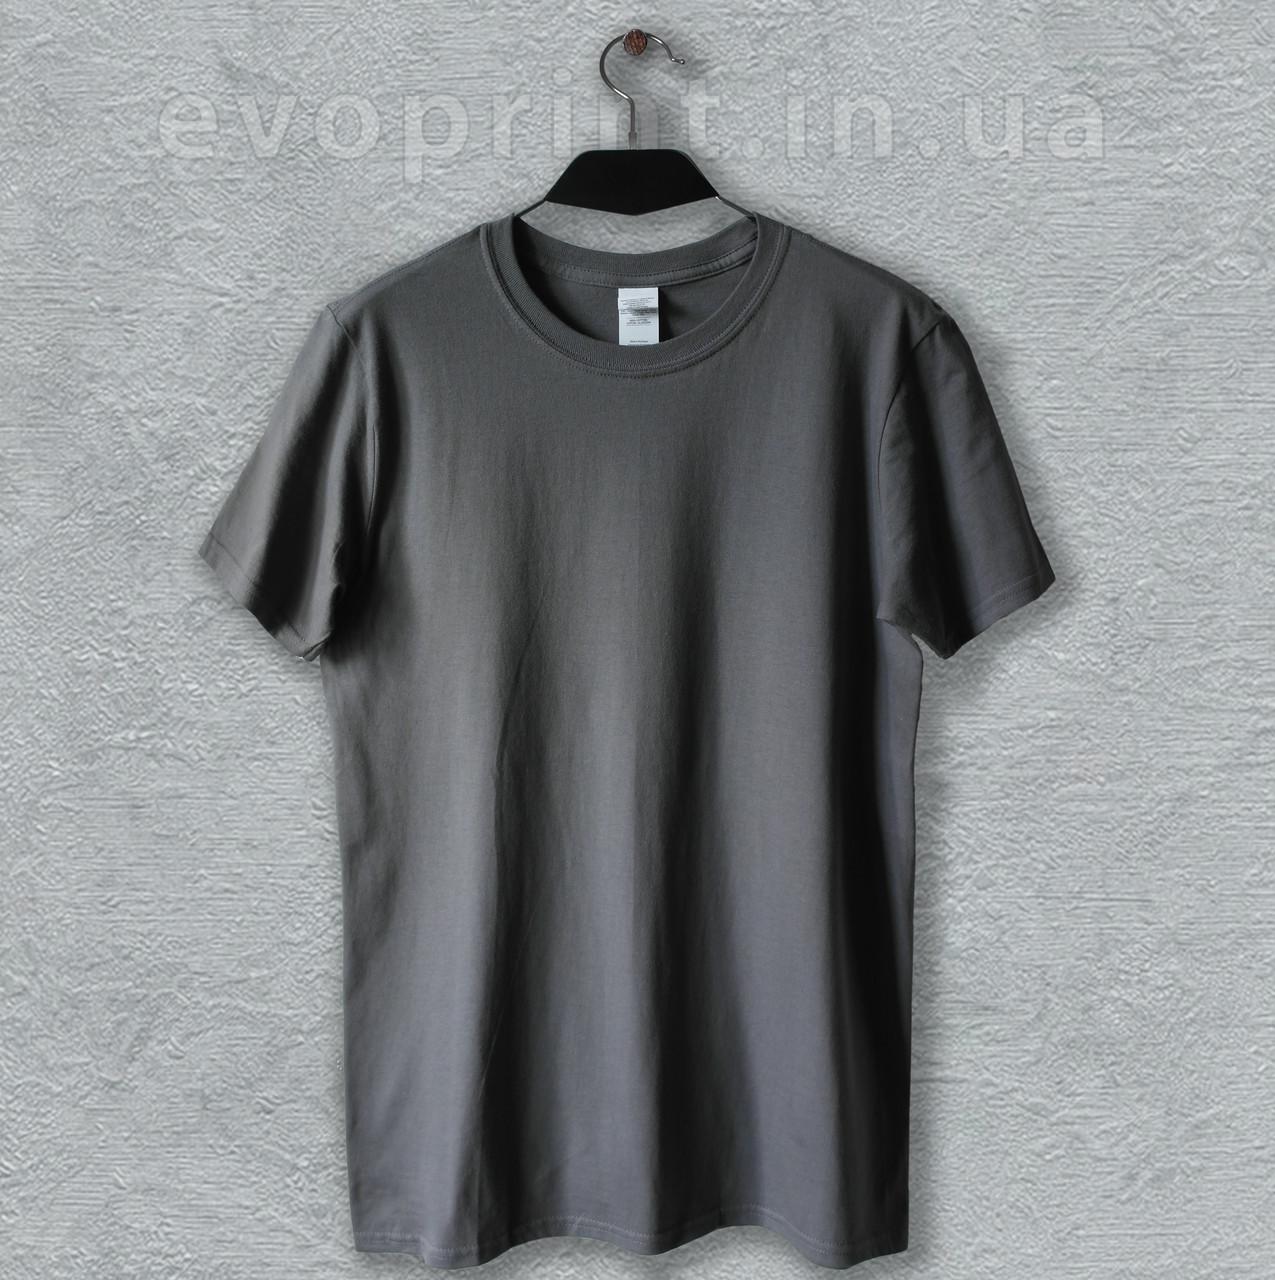 Футболка однотонная мужская темно-серая